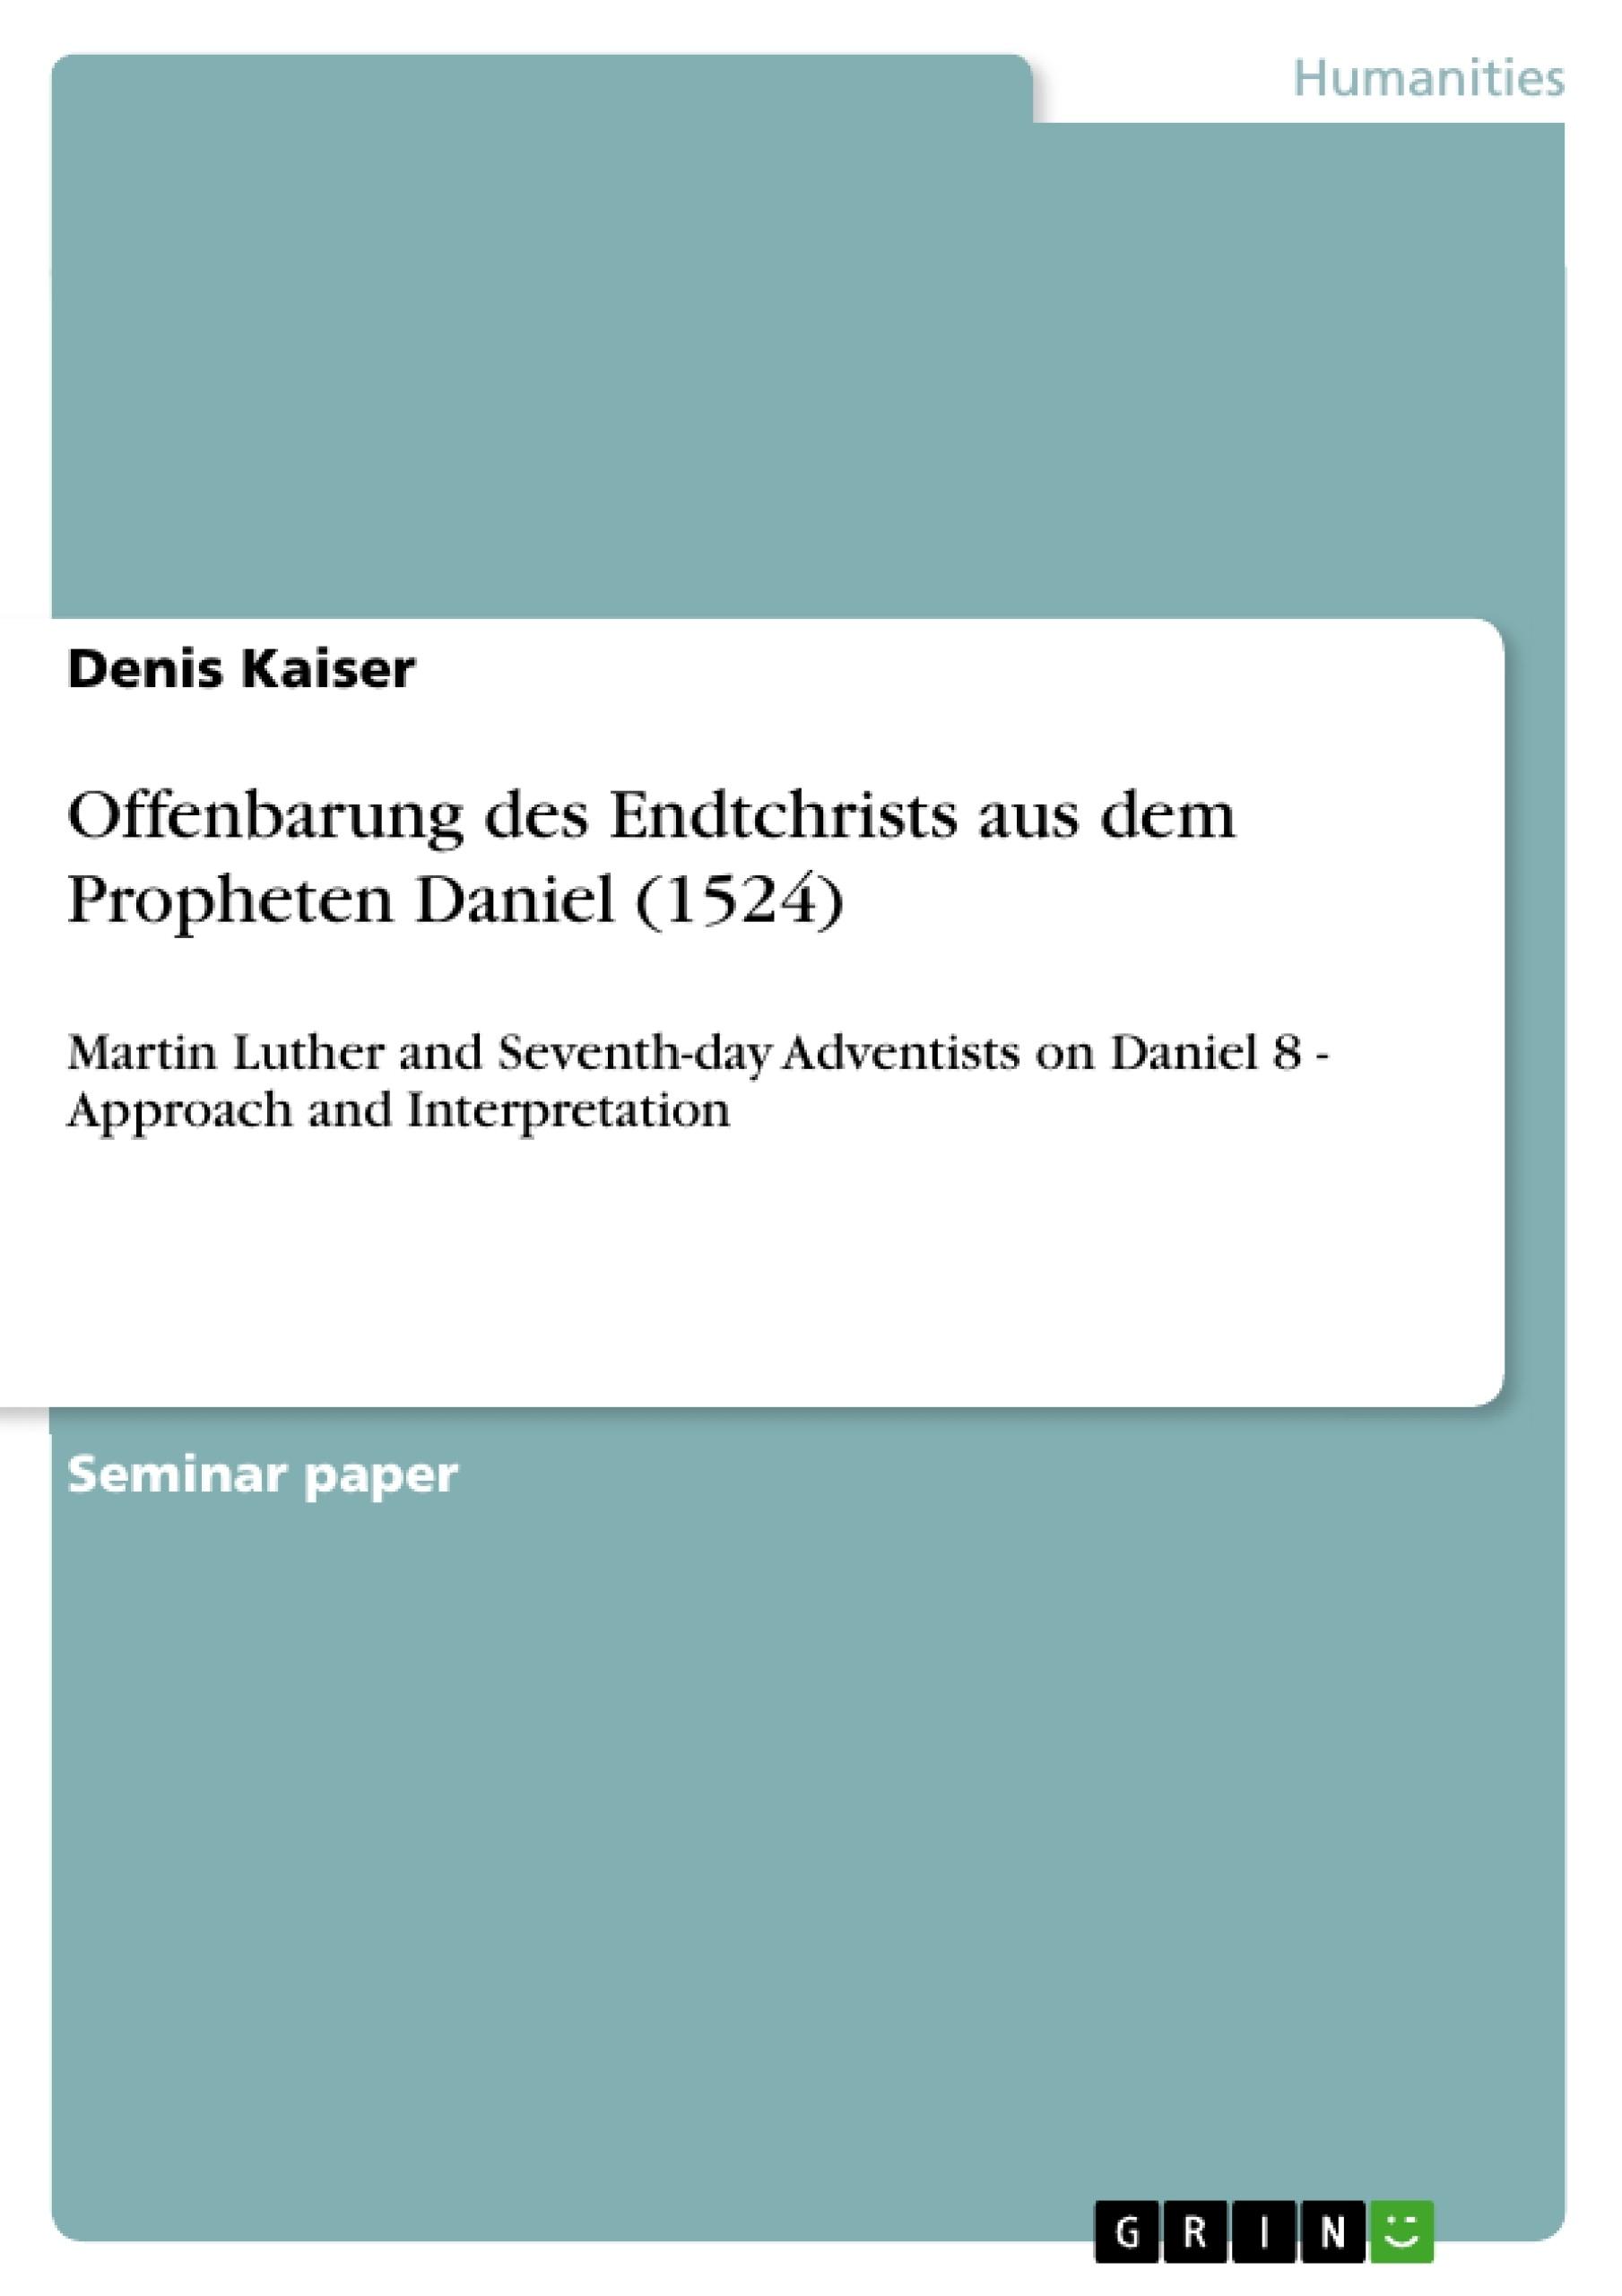 Title: Offenbarung des Endtchrists aus dem Propheten Daniel (1524)